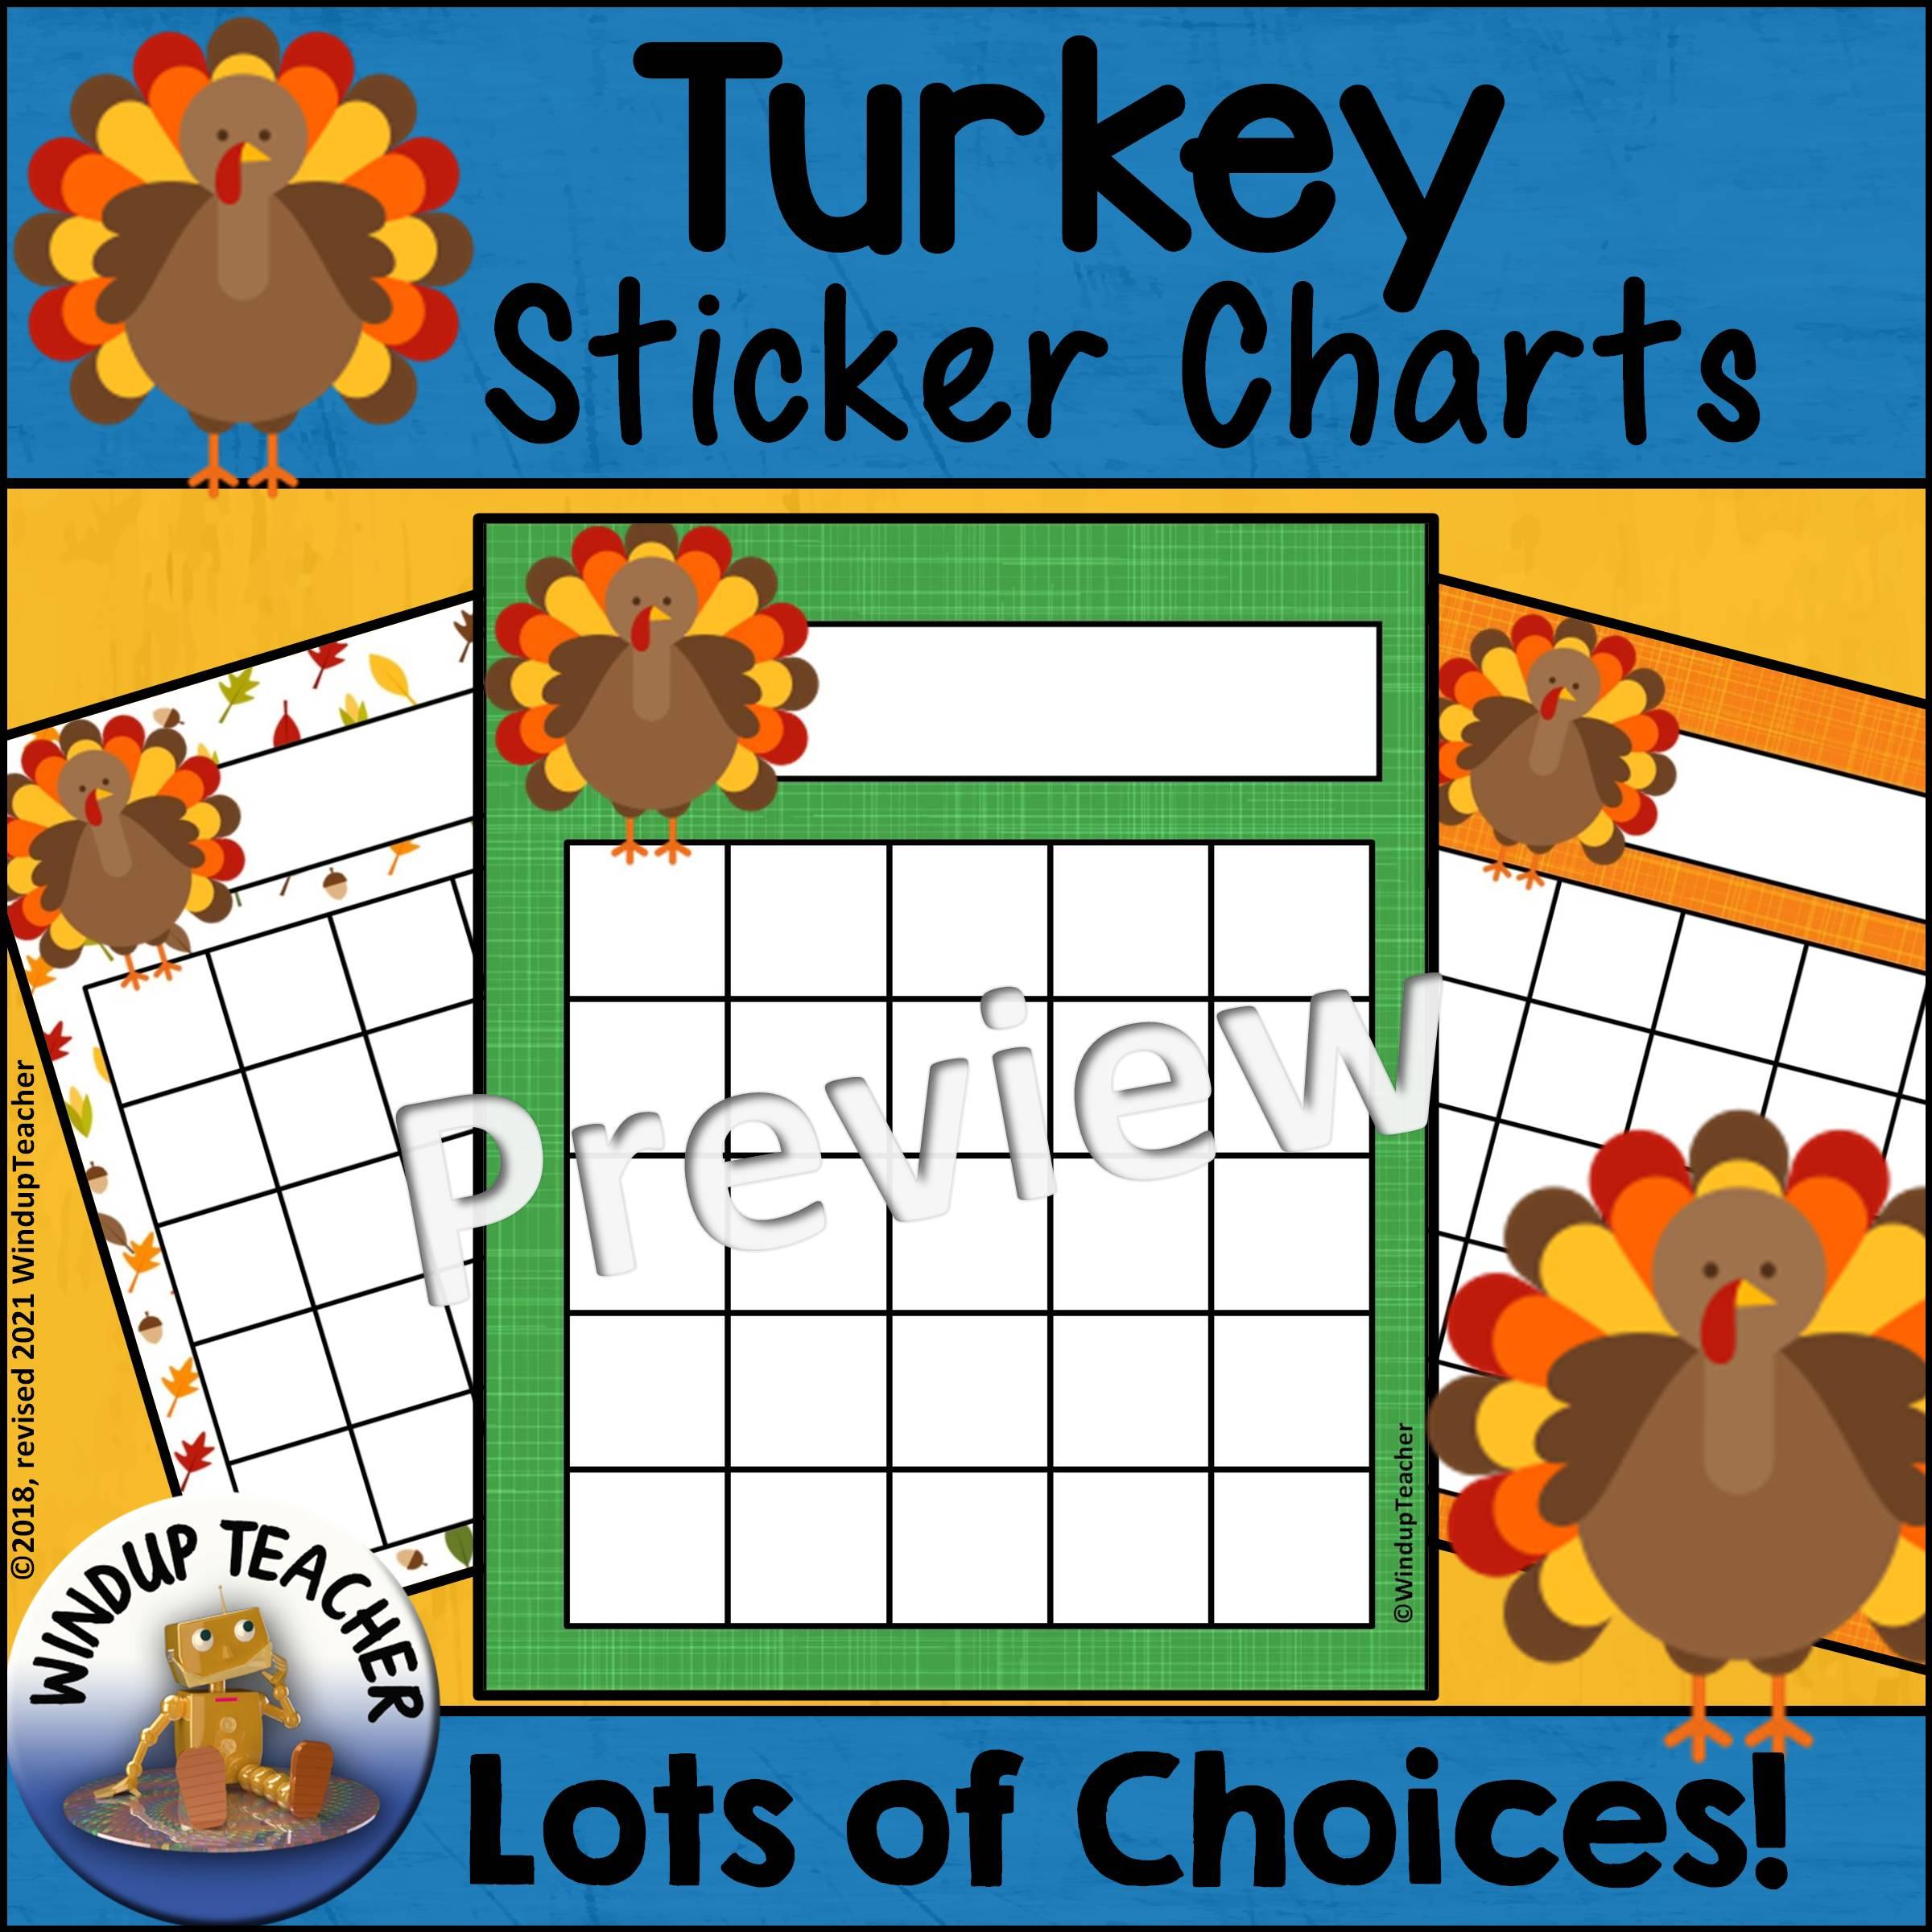 Thanksgiving Turkey Sticker Charts